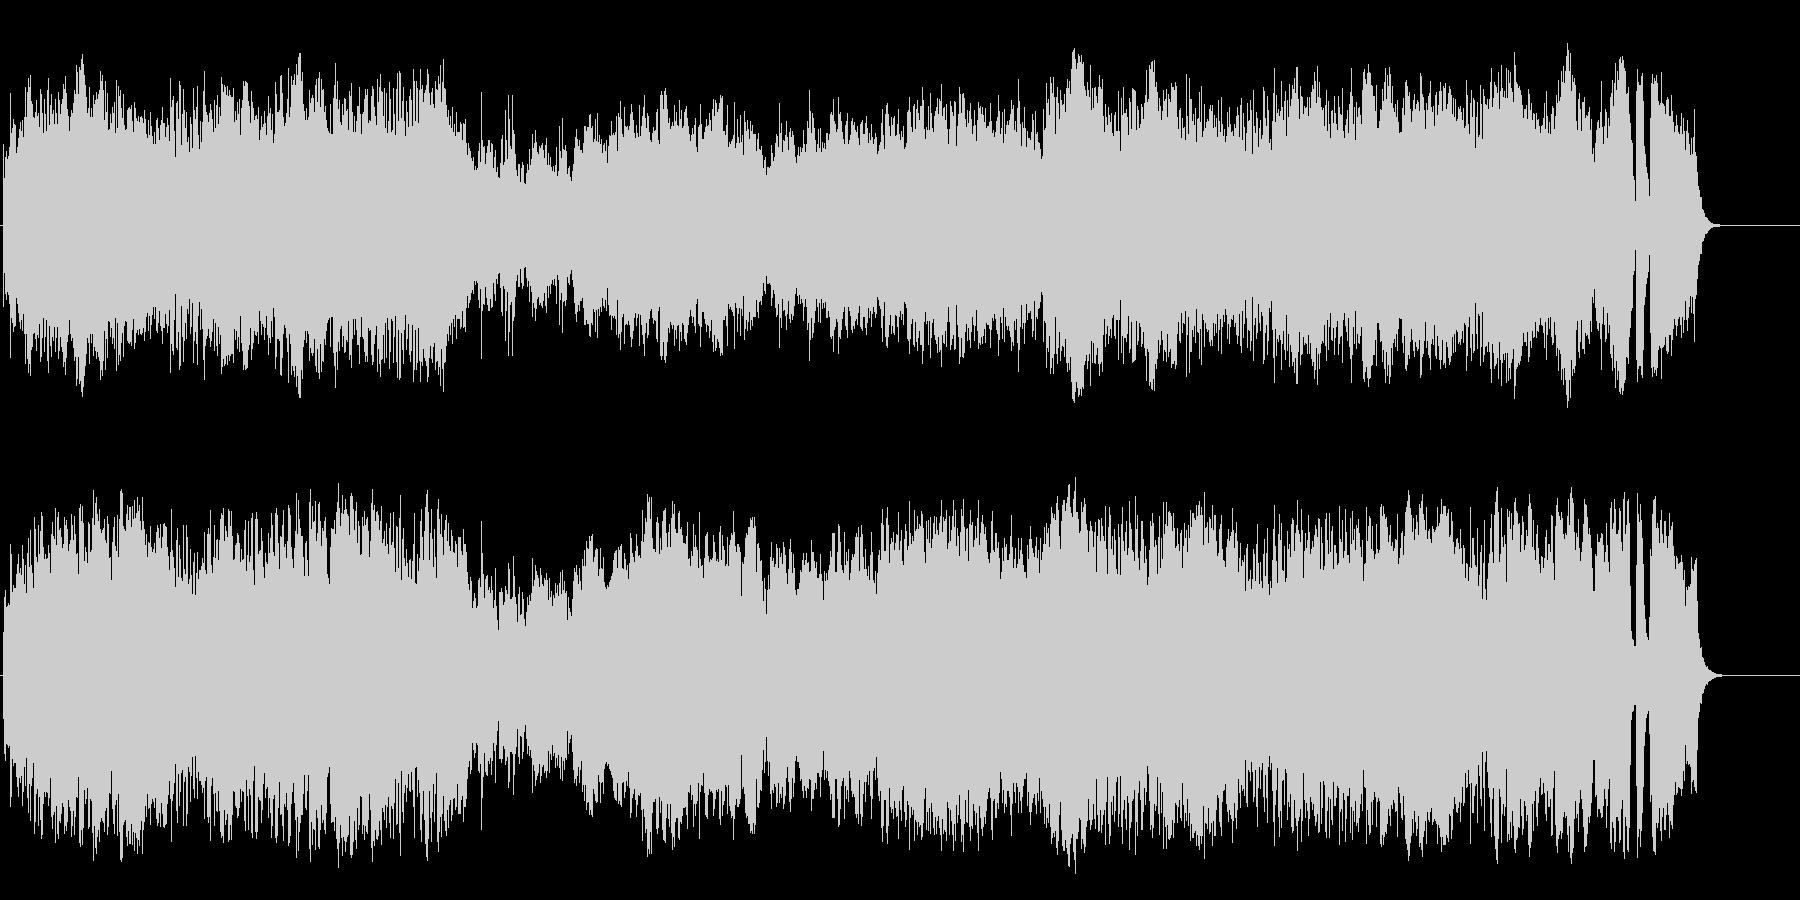 格調高いフル・オーケストラ・クラシックの未再生の波形